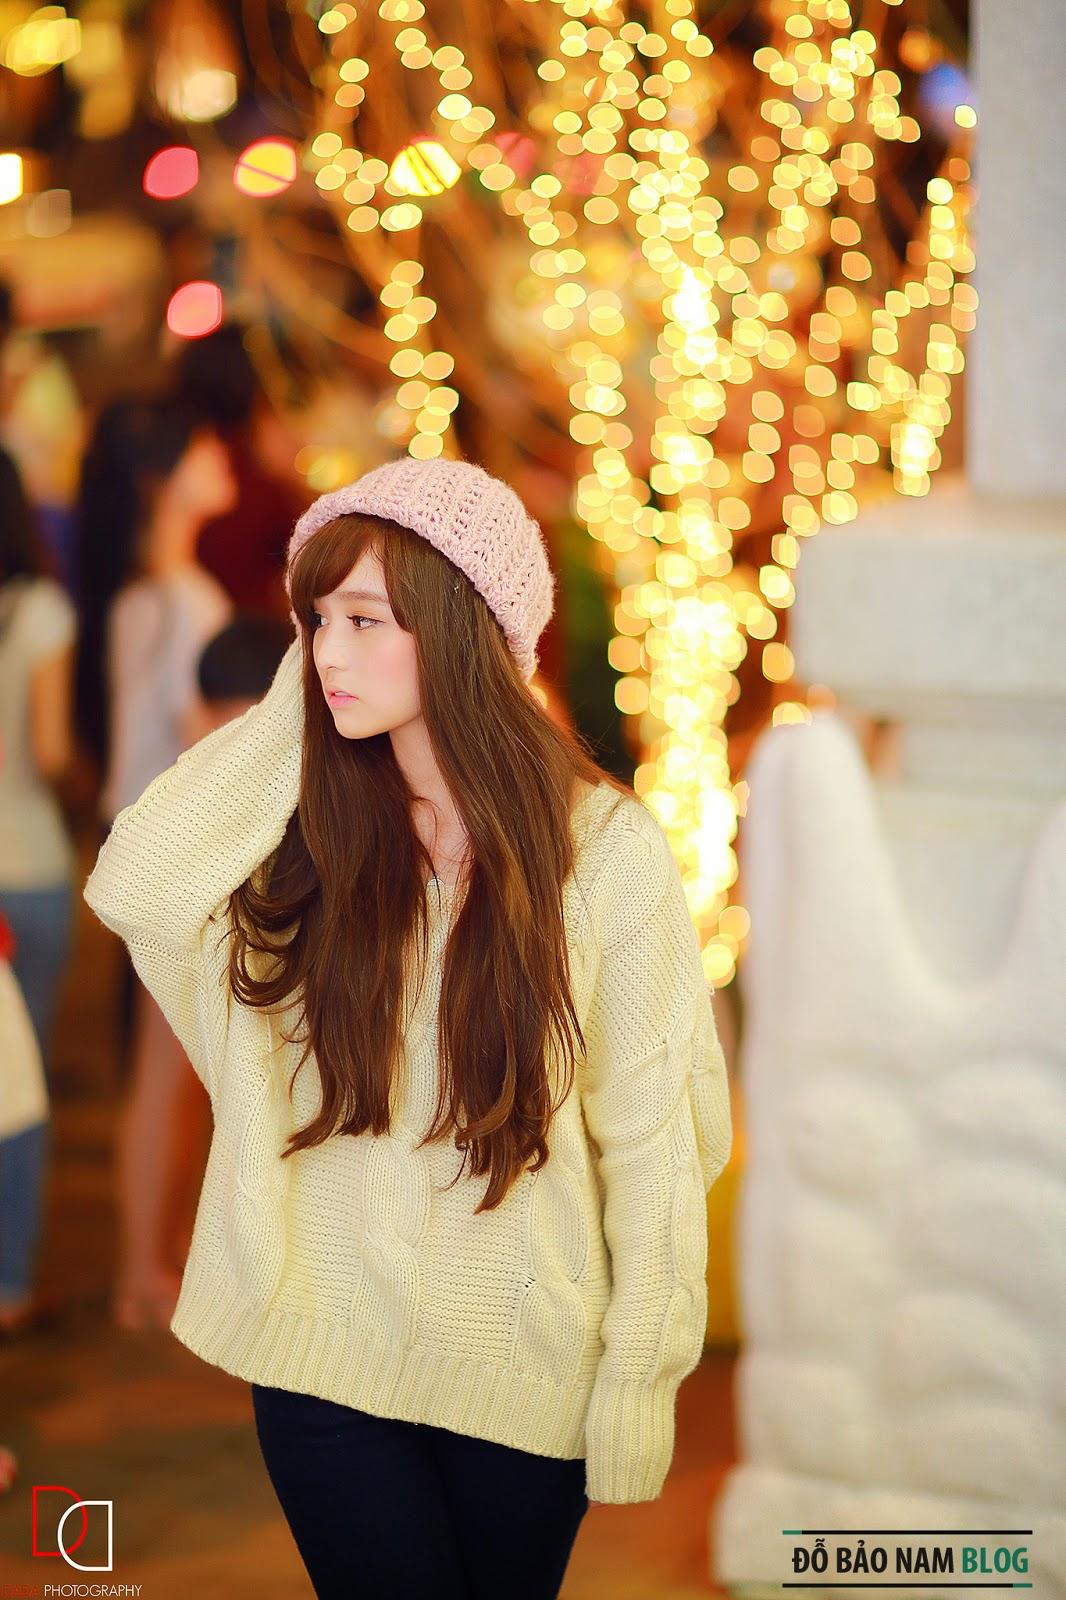 Ảnh đẹp girl xinh mới nhất 2014 được tuyển chọn 05